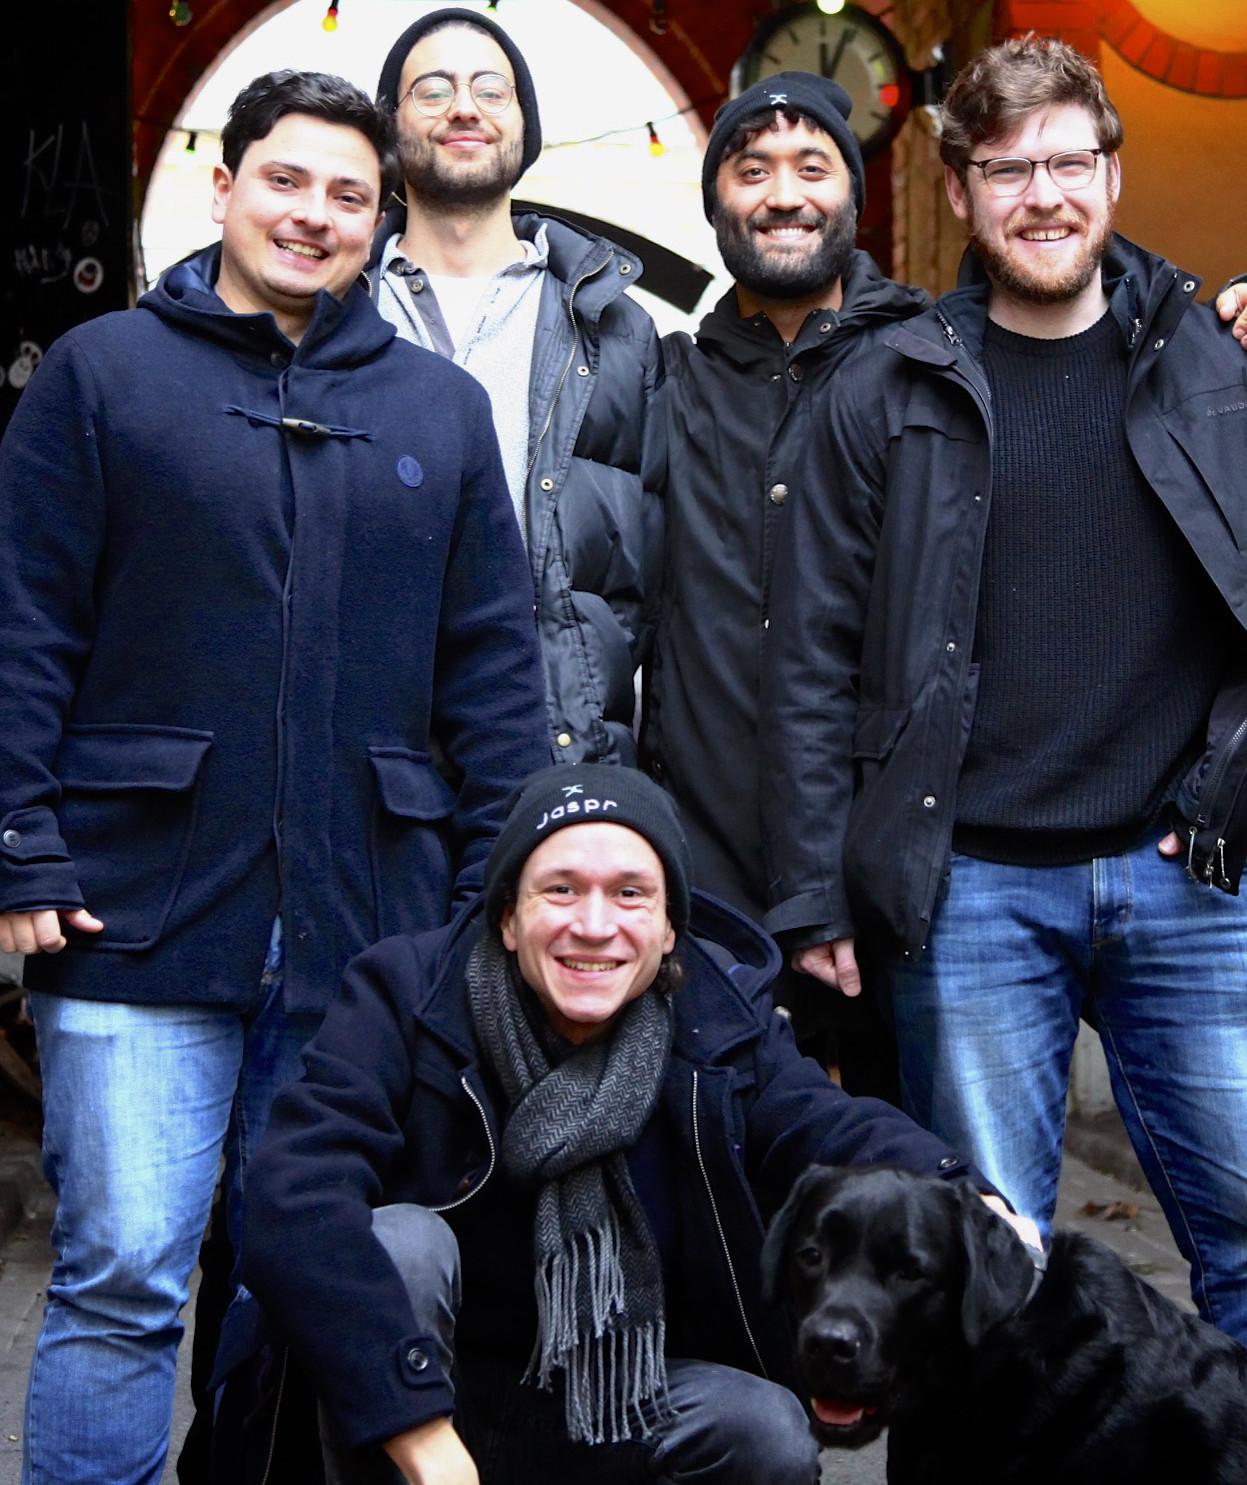 Das Jaspr-Team: CTO Tobias Ottenweller, Tom Sammons, Co-Gründer Steve Duncan, CEO Noel Wigdor, Louis Reinhardt und DEO Captain Gordon.